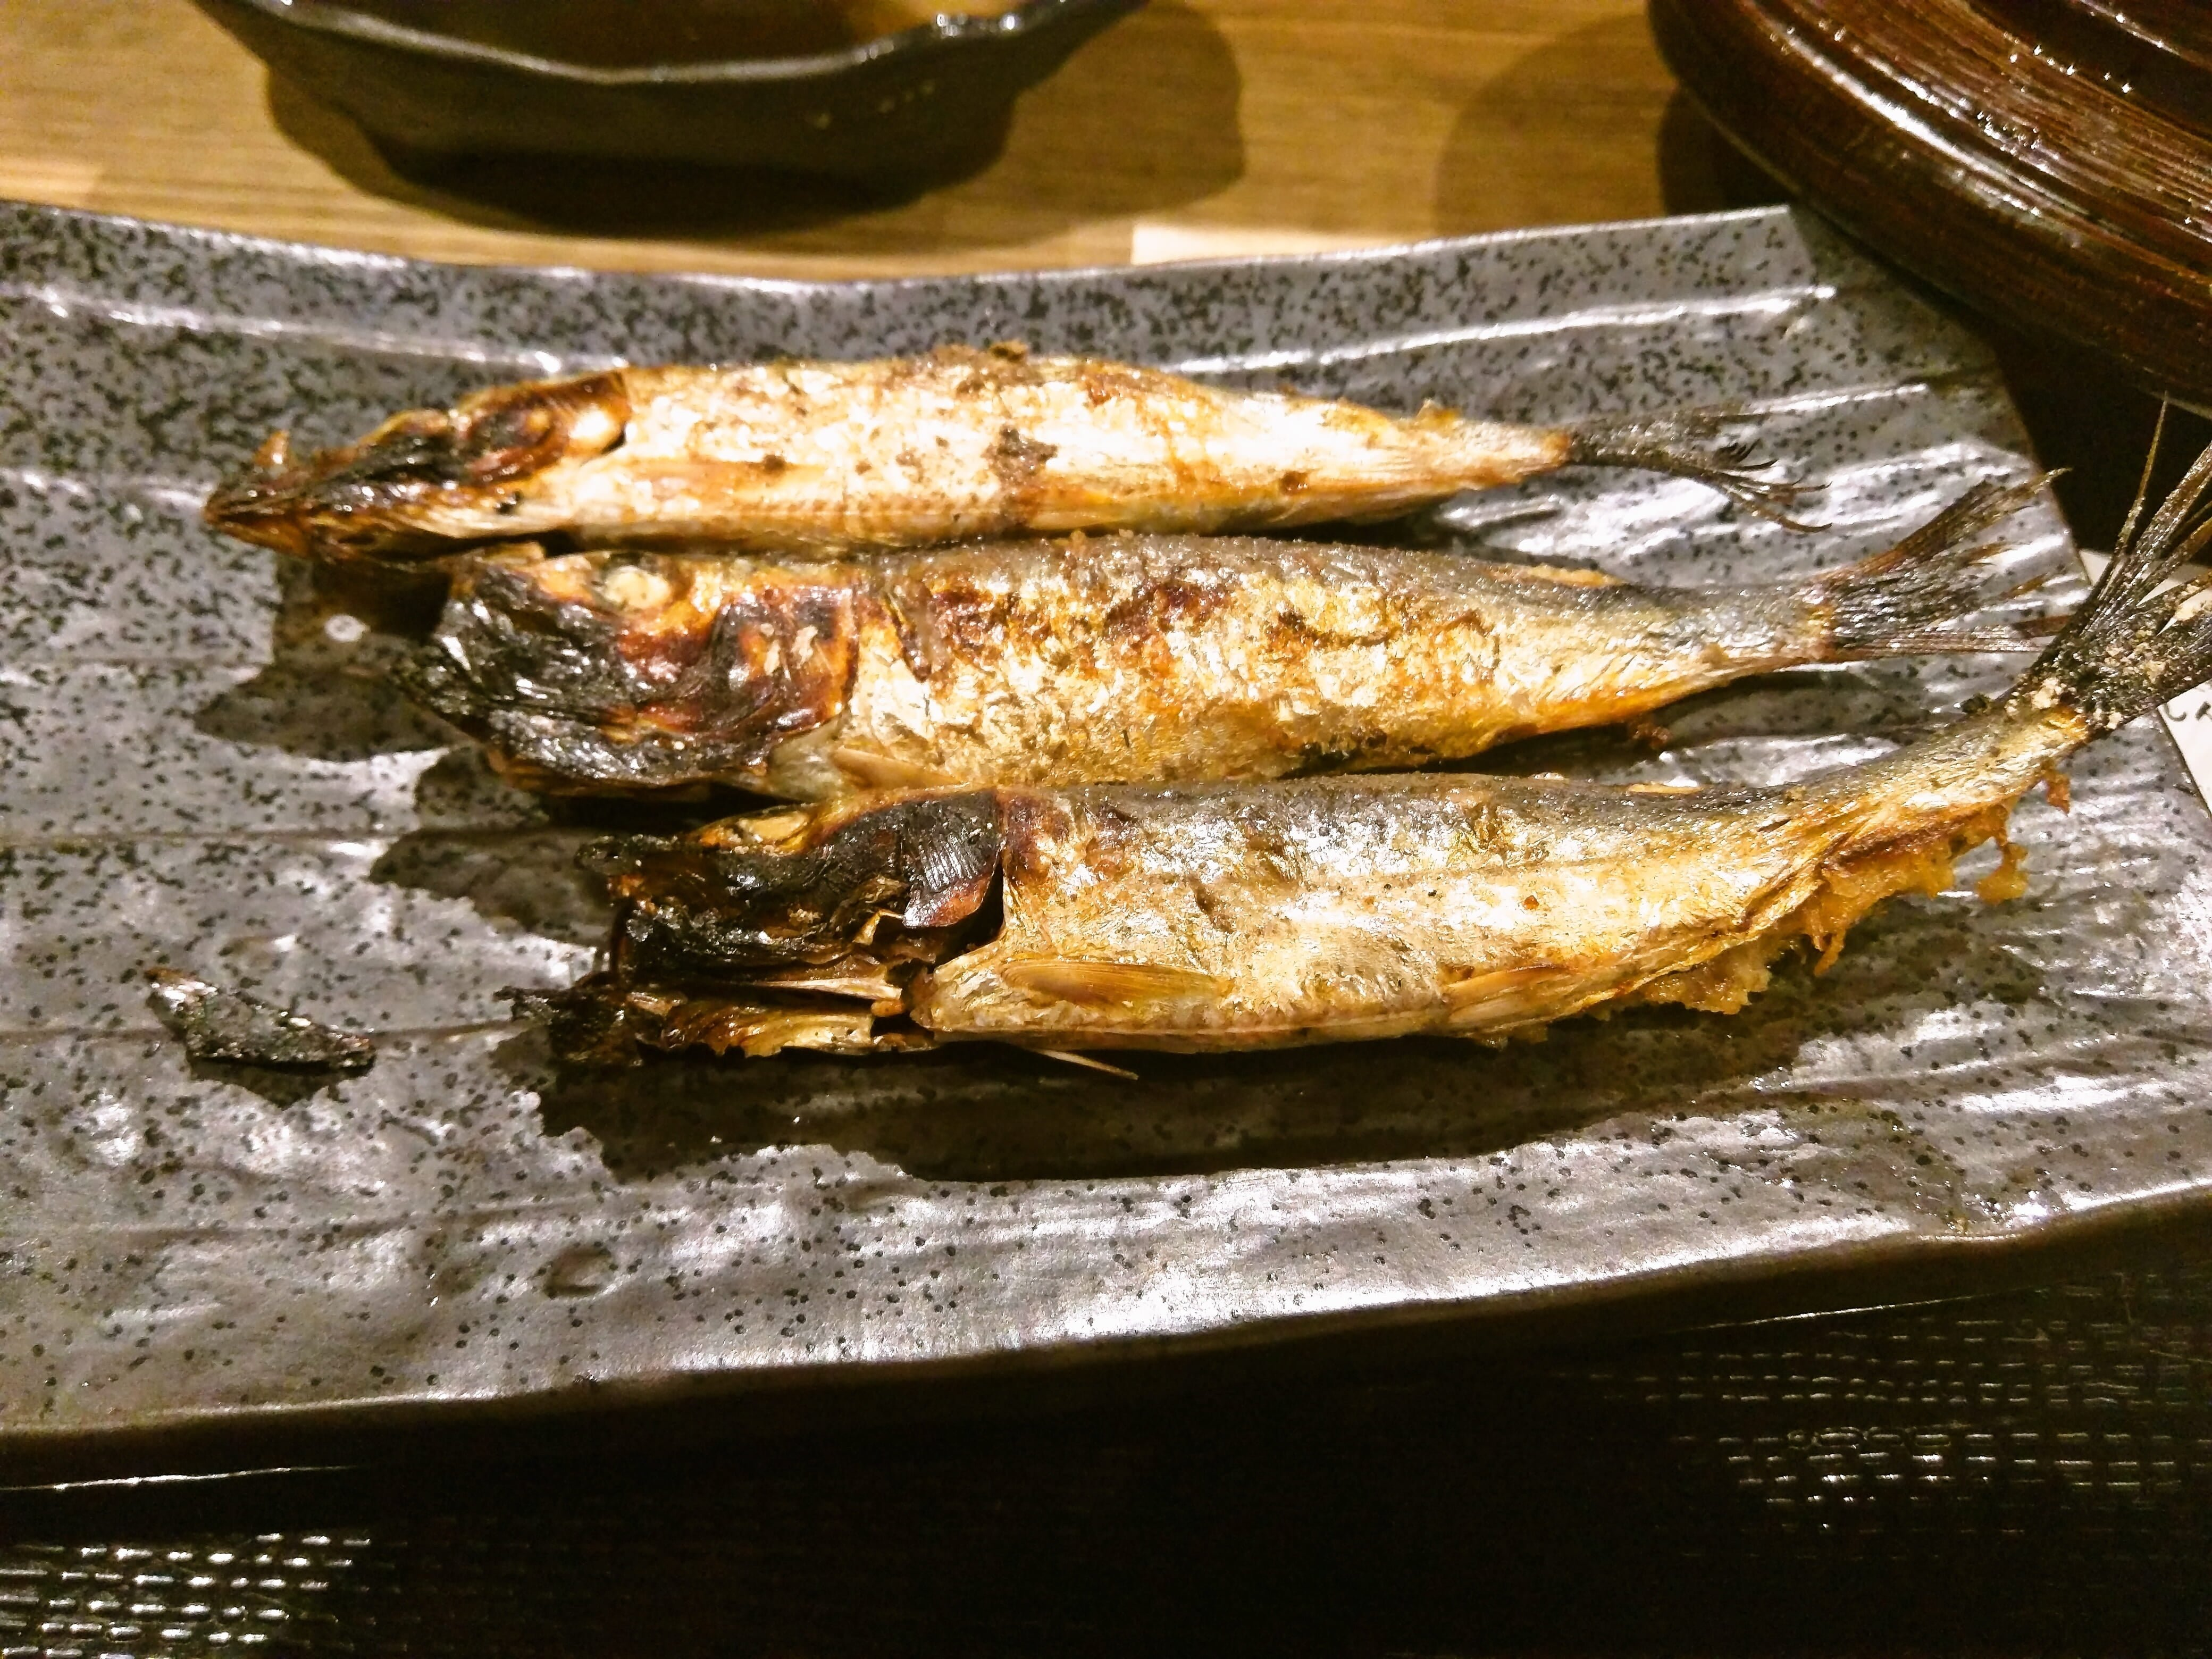 もっと評価されてもいい、安くて美味しい炭火焼き魚定食屋 ~ 田町・三田 しんぱち食堂 田町店